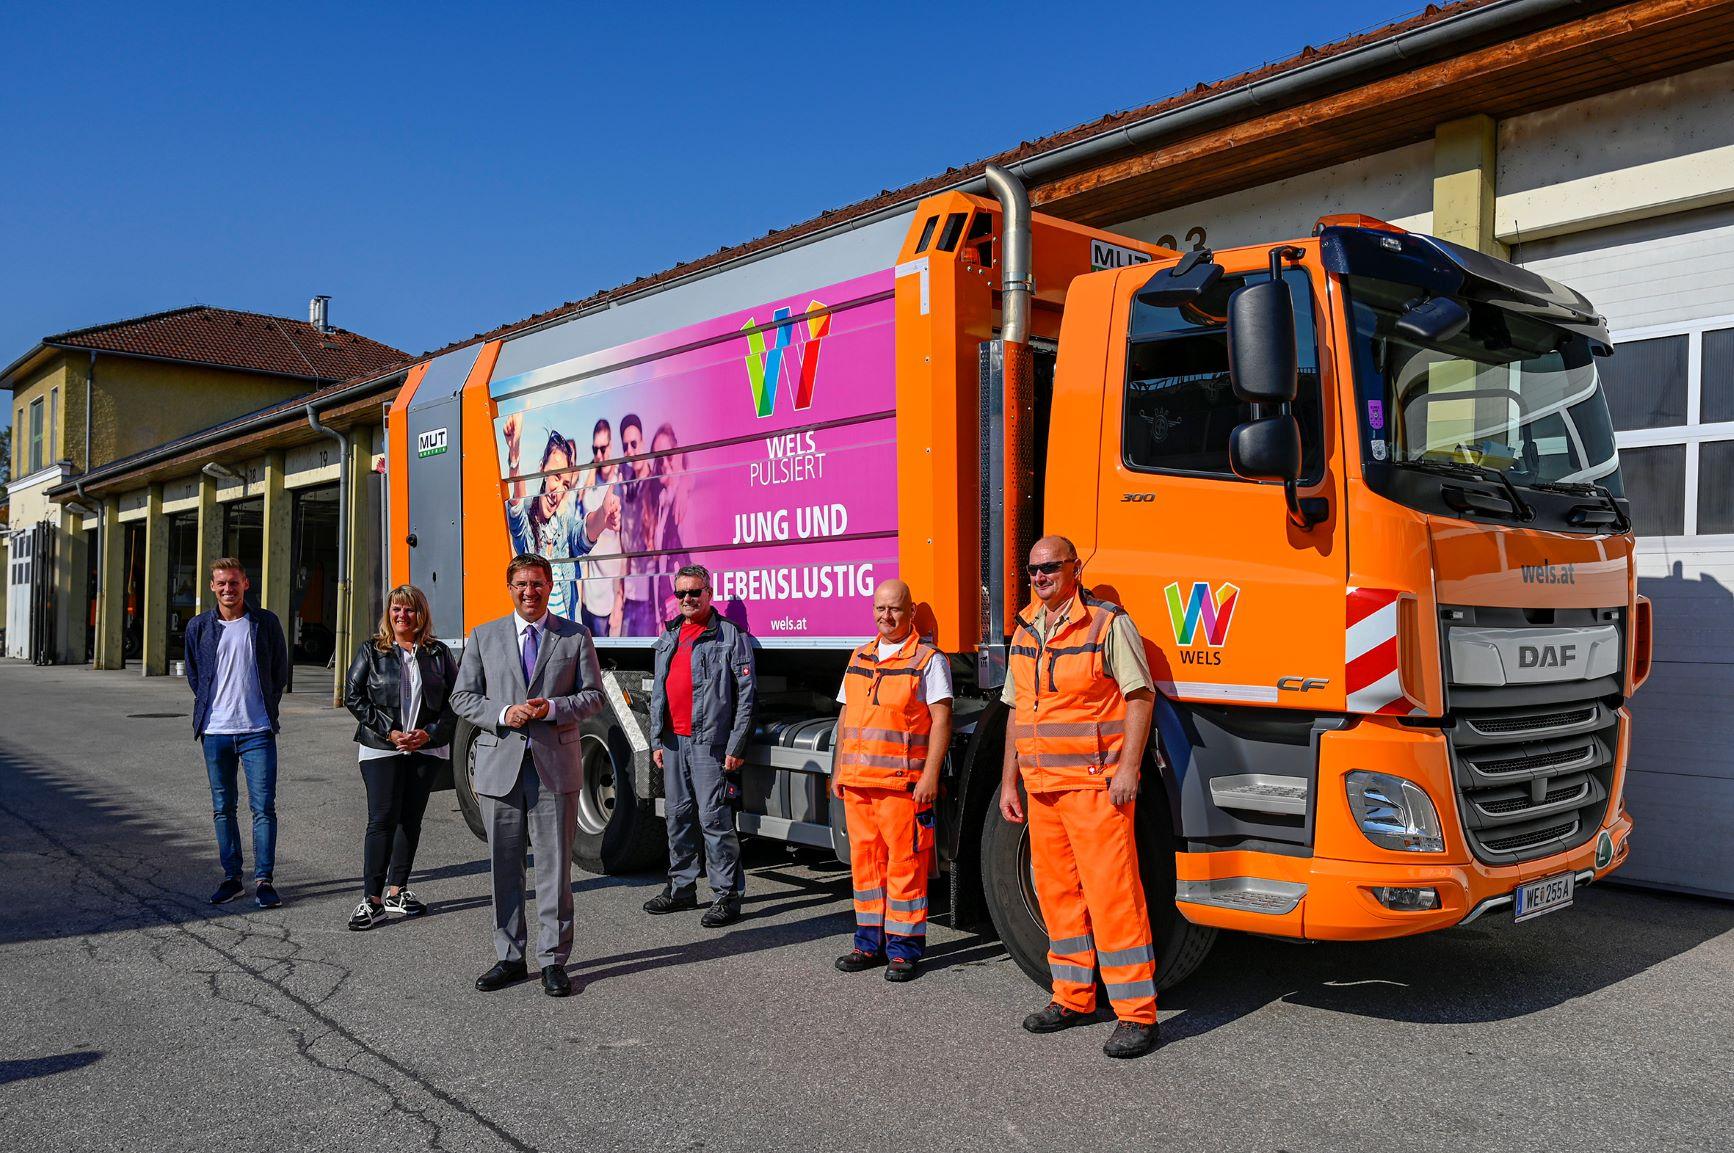 Bürgermeister Dr. Andreas Rabl und die Umweltreferentin mit den Abfallhelden